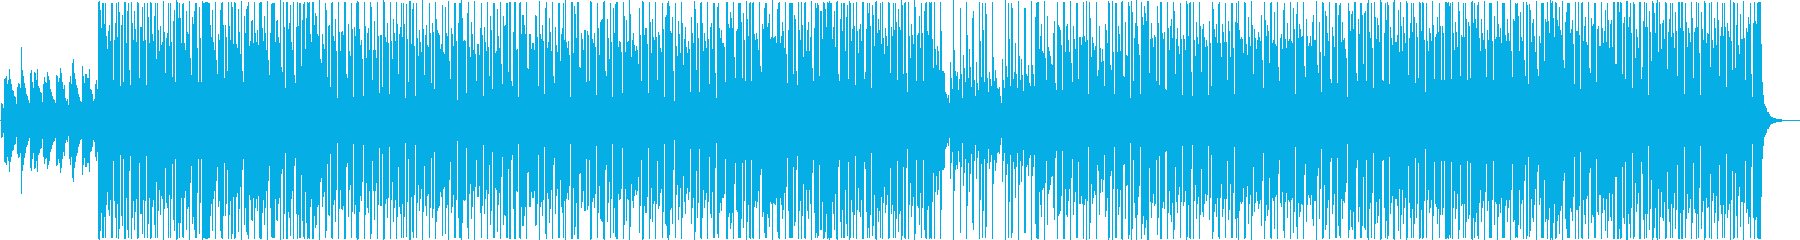 ハロウィン怪しげなヒップホップの再生済みの波形